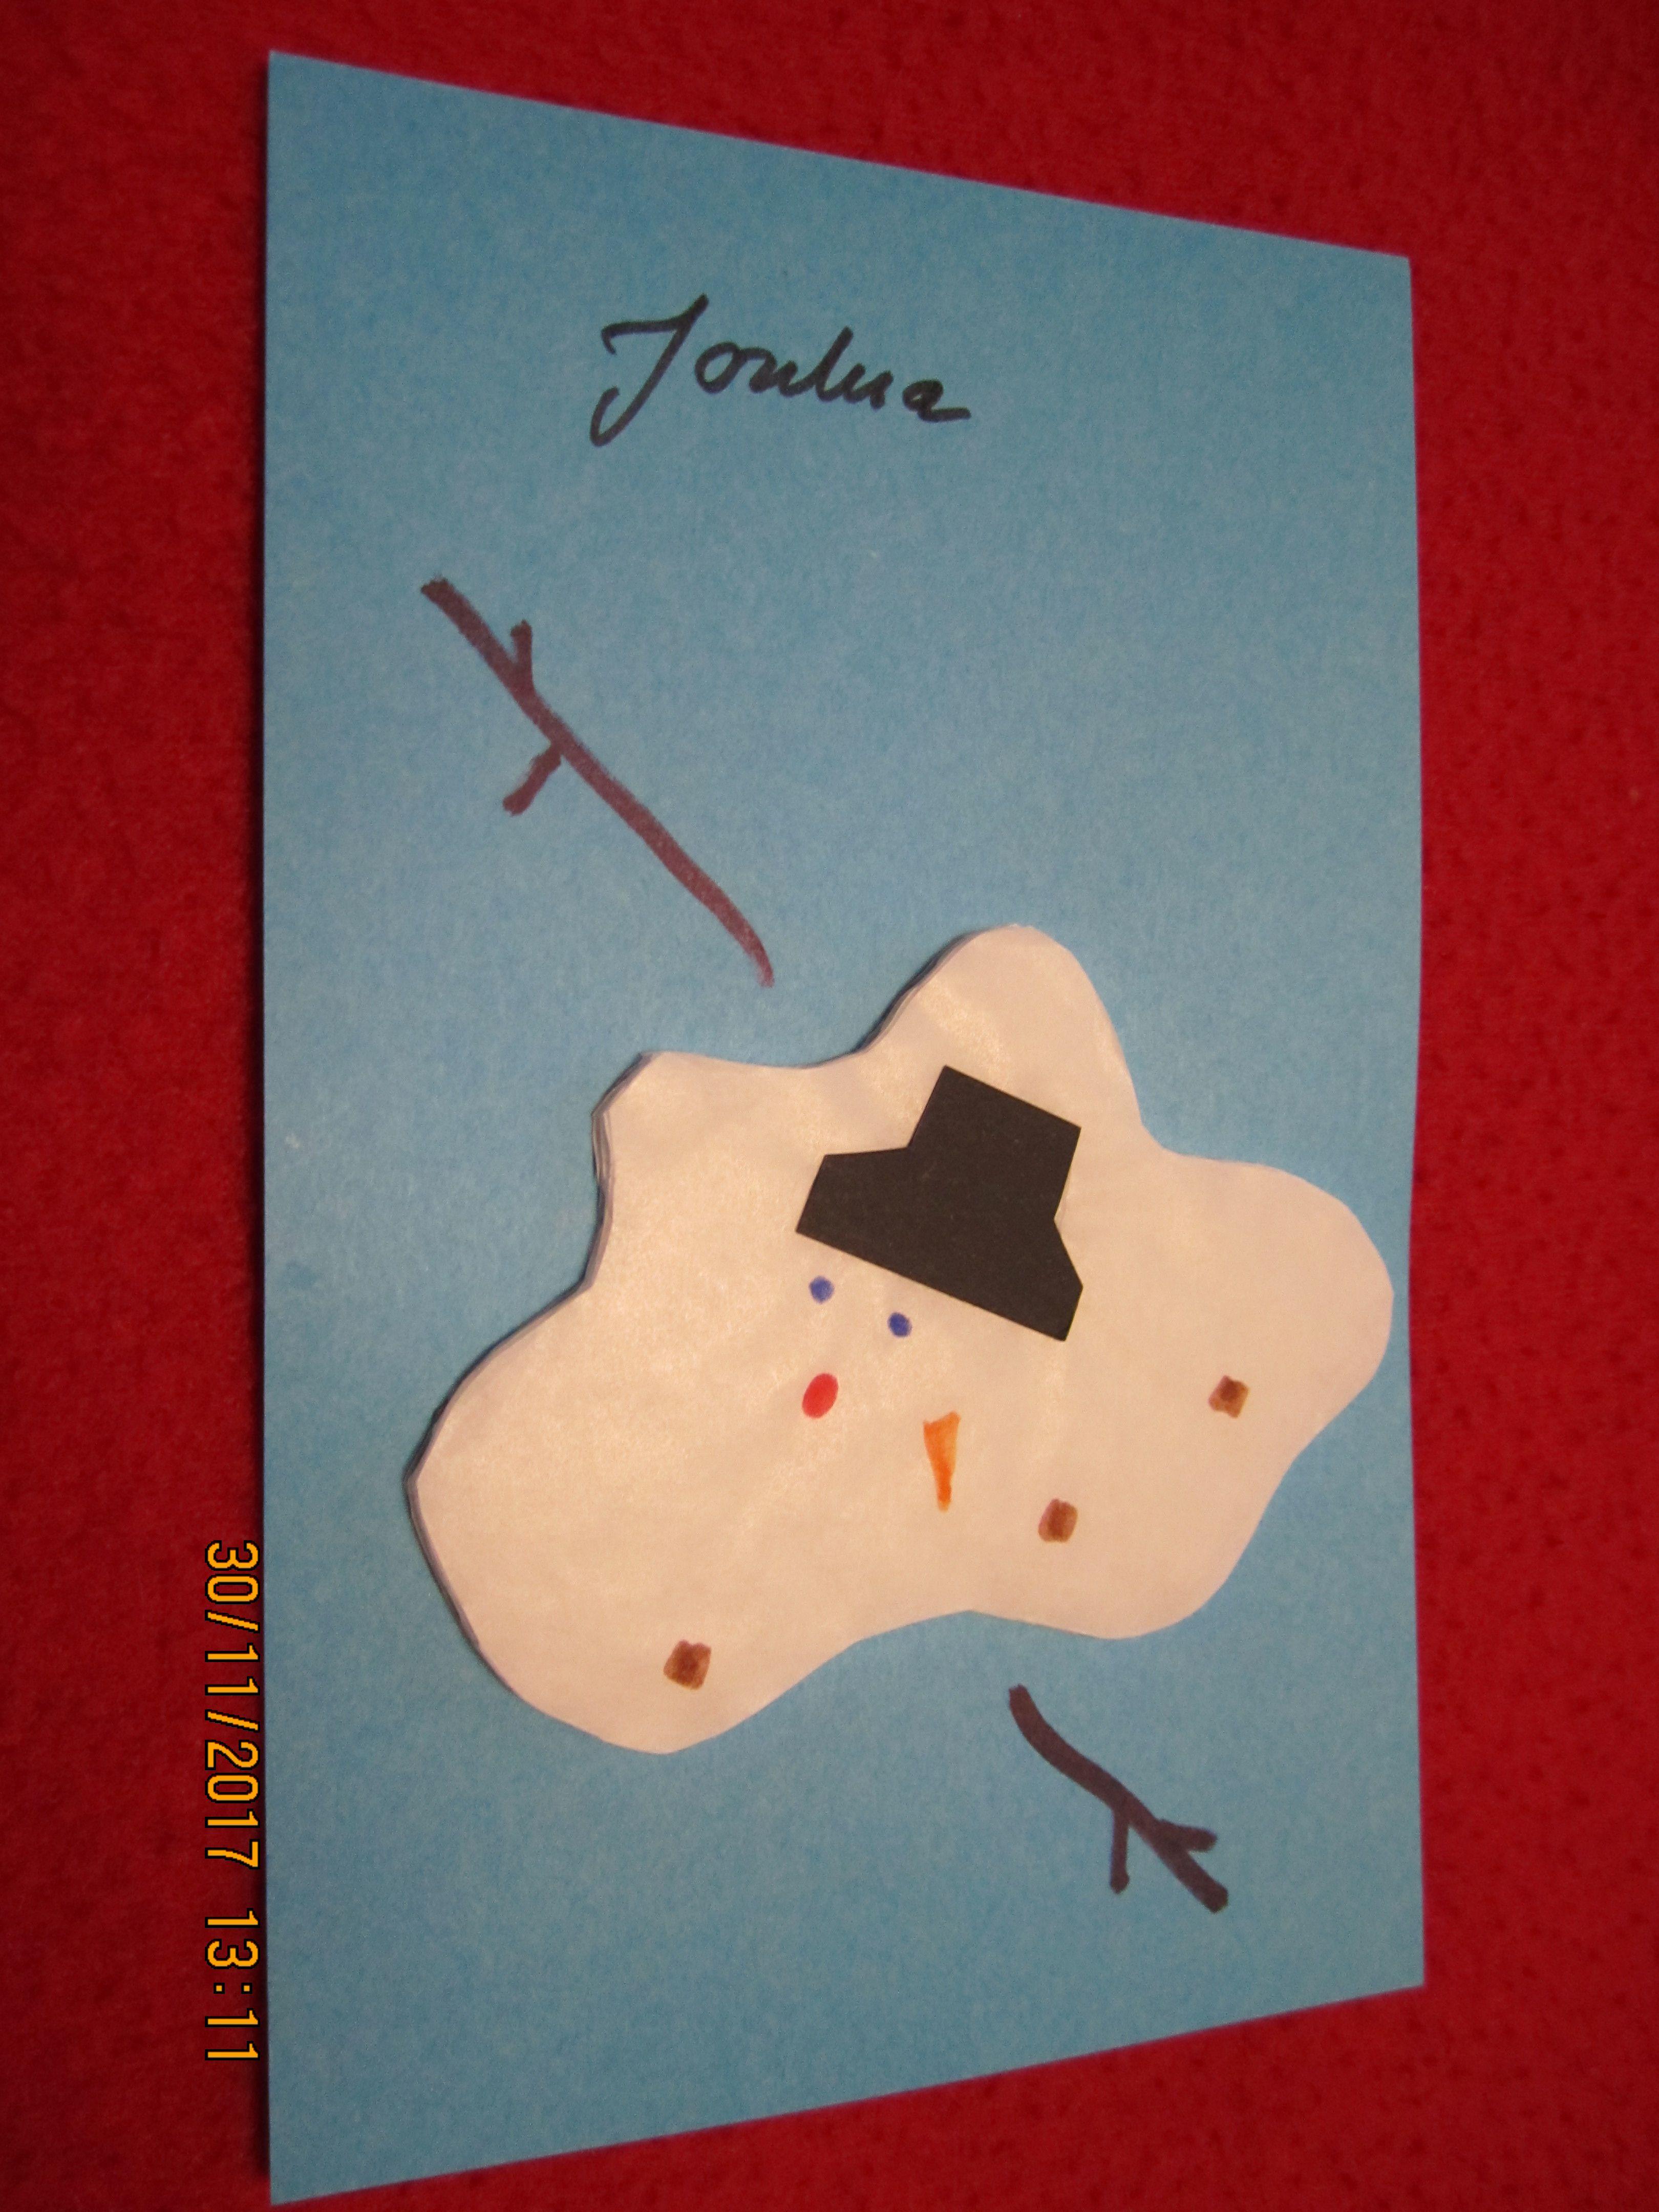 joulukortti idea Sulanut lumiukko. Hauska joulukortti idea. ( joulu kortti  joulukortti idea